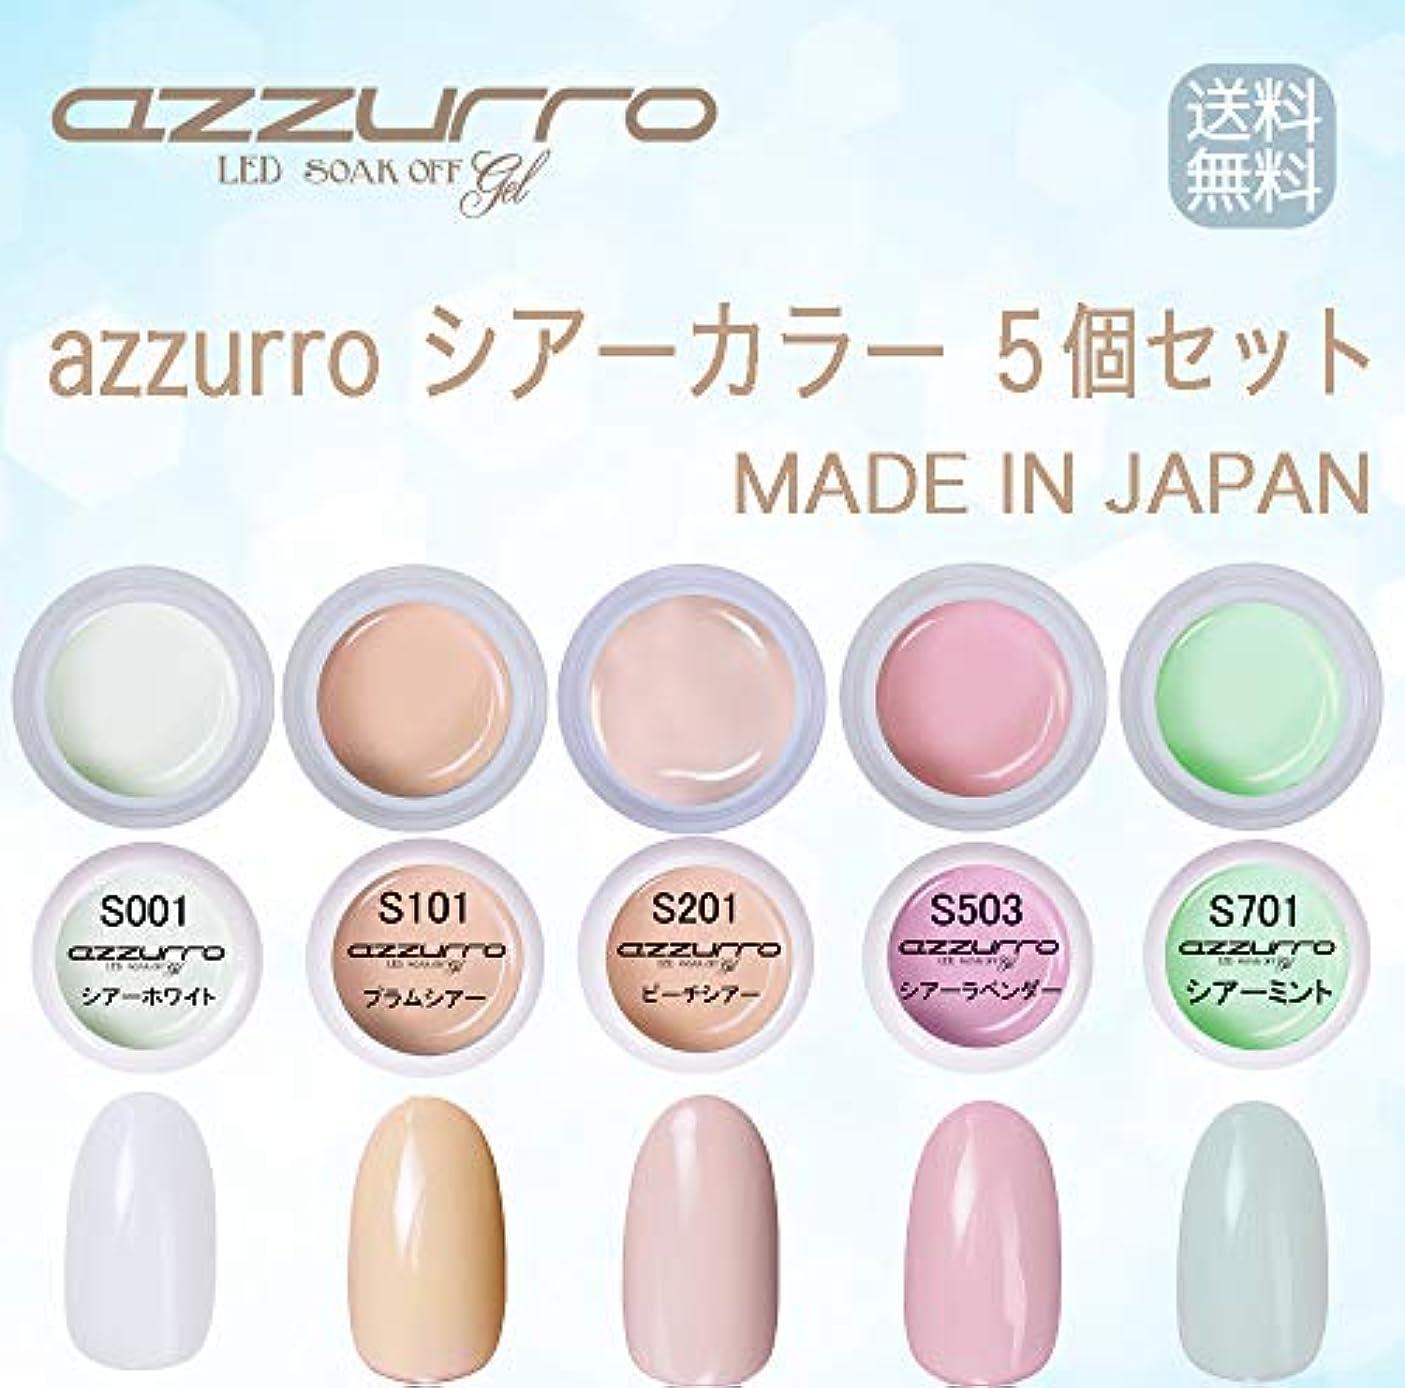 内なる屈辱する軽蔑する【送料無料】日本製 azzurro gel シアー カラージェル5個セット グラデーションにもピッタリなカラー